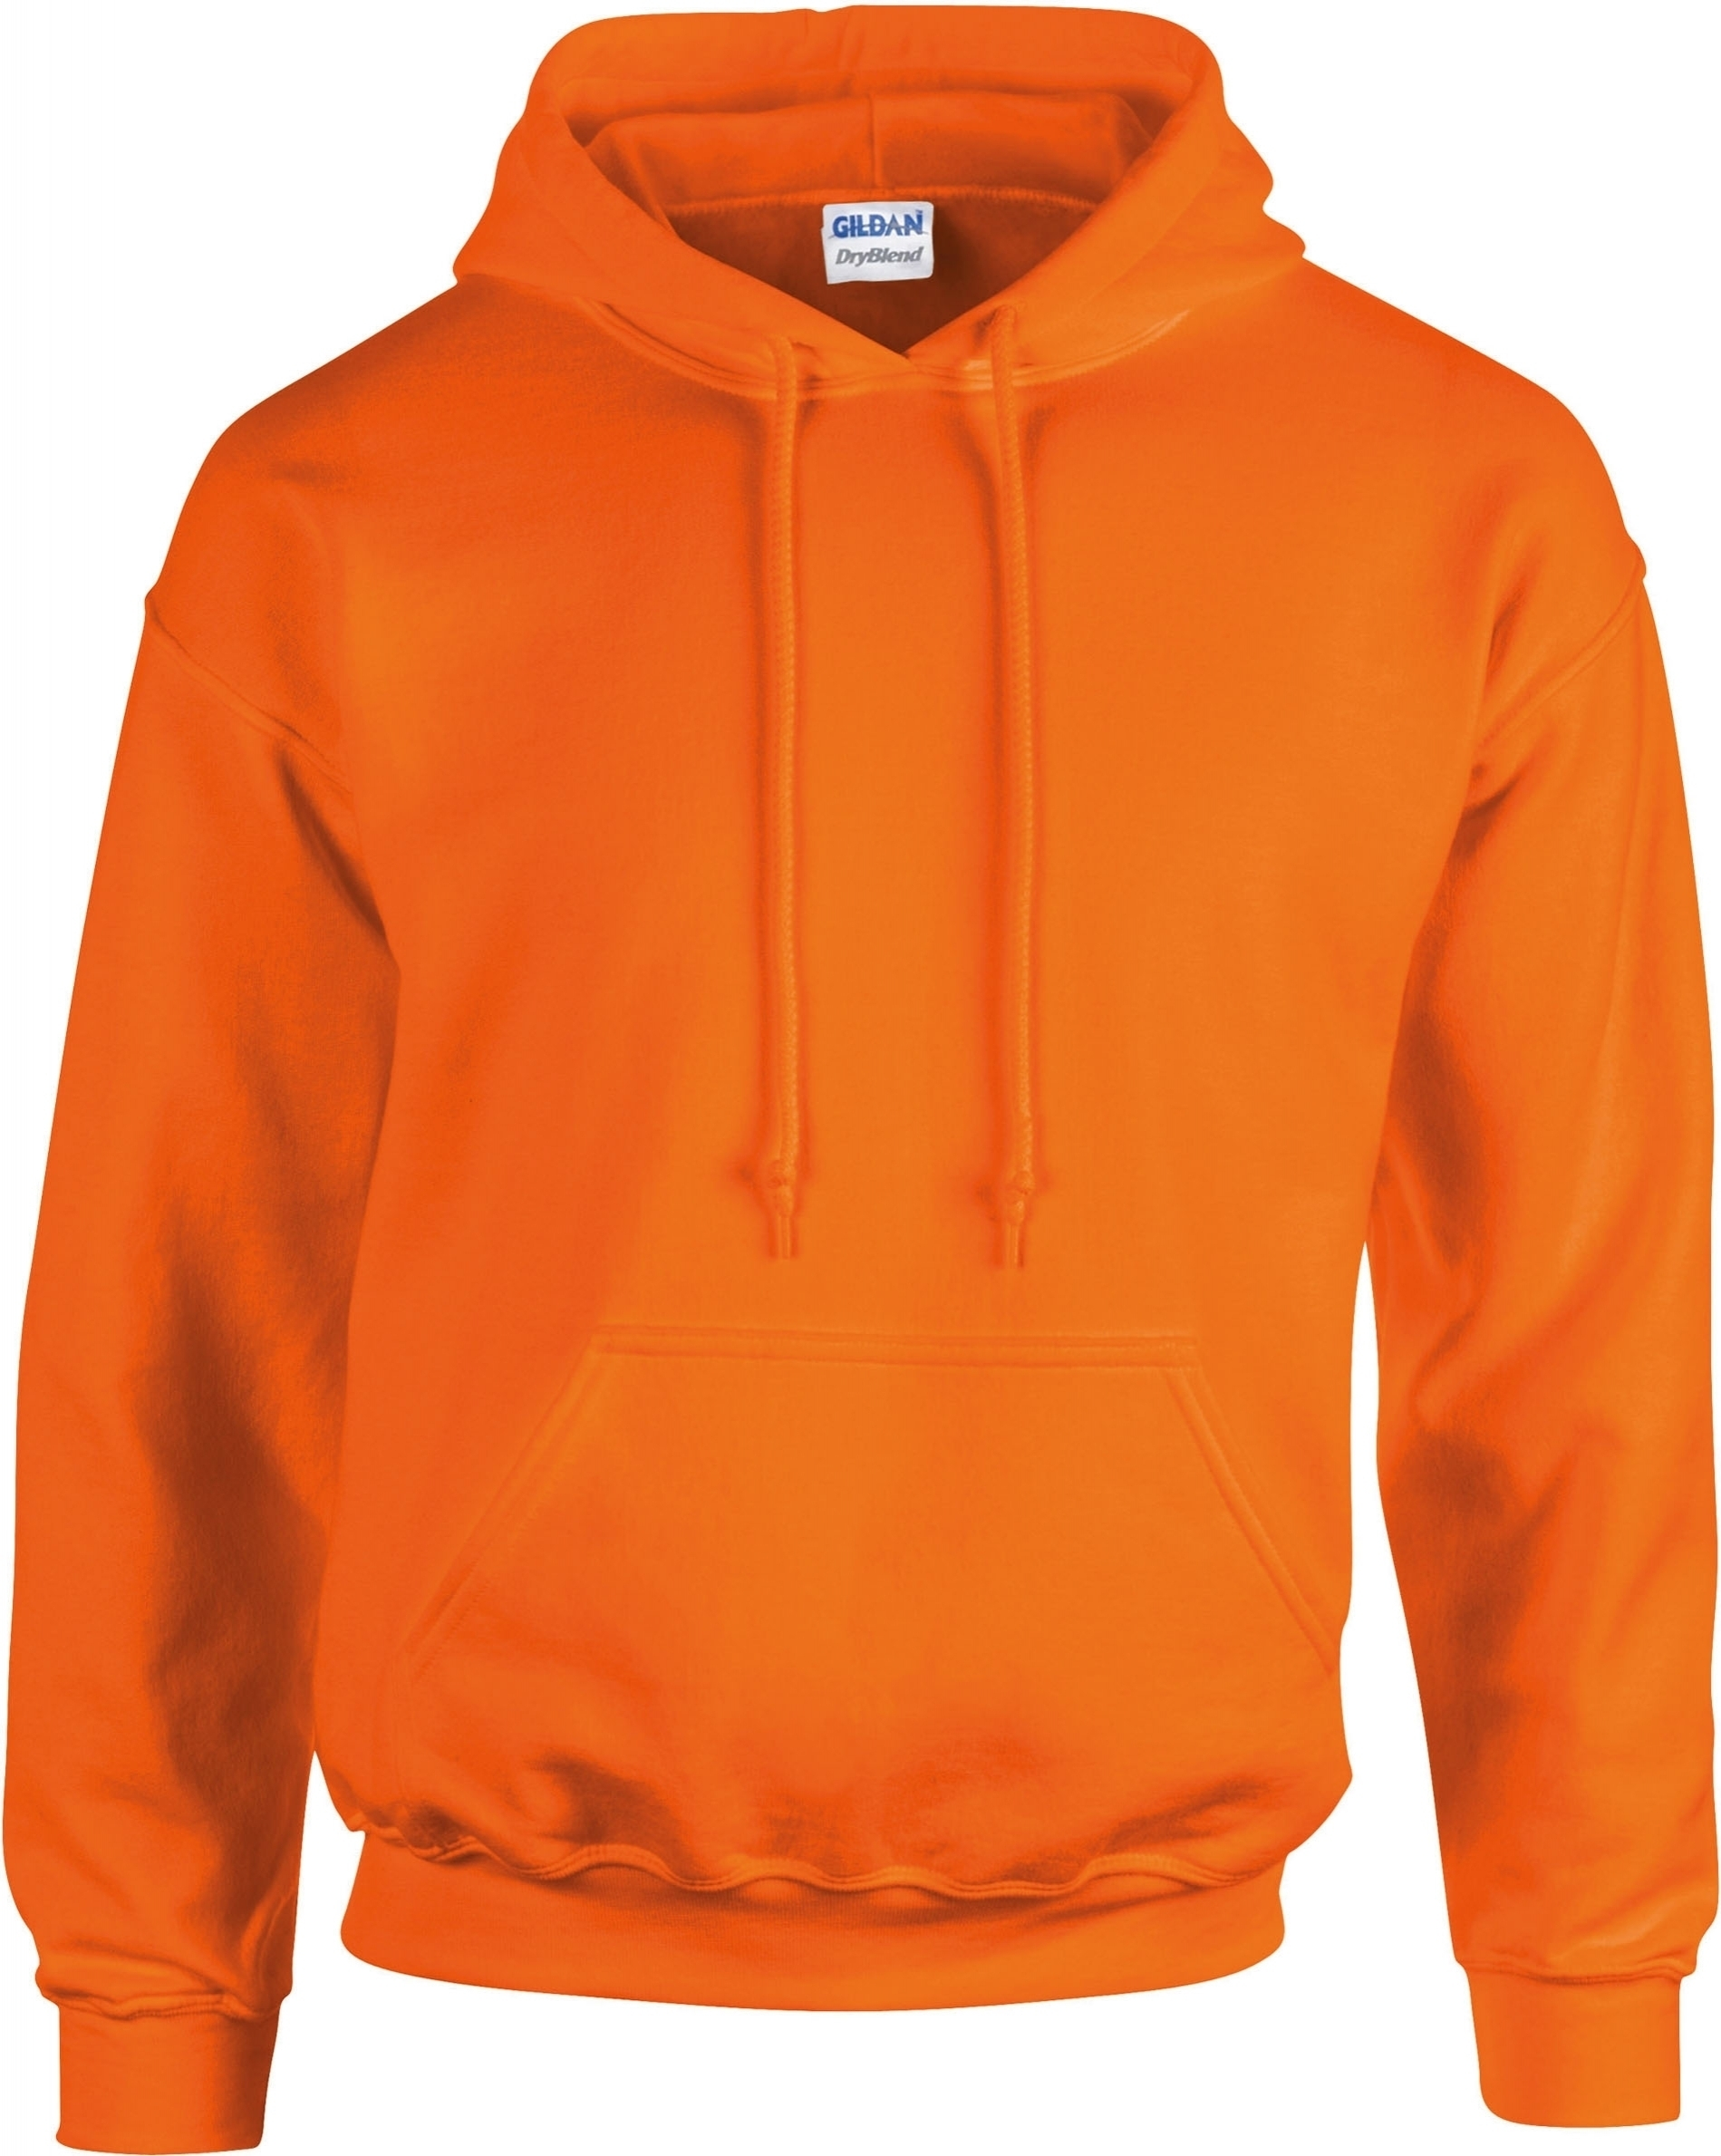 sweat shirt capuche safety orange. Black Bedroom Furniture Sets. Home Design Ideas